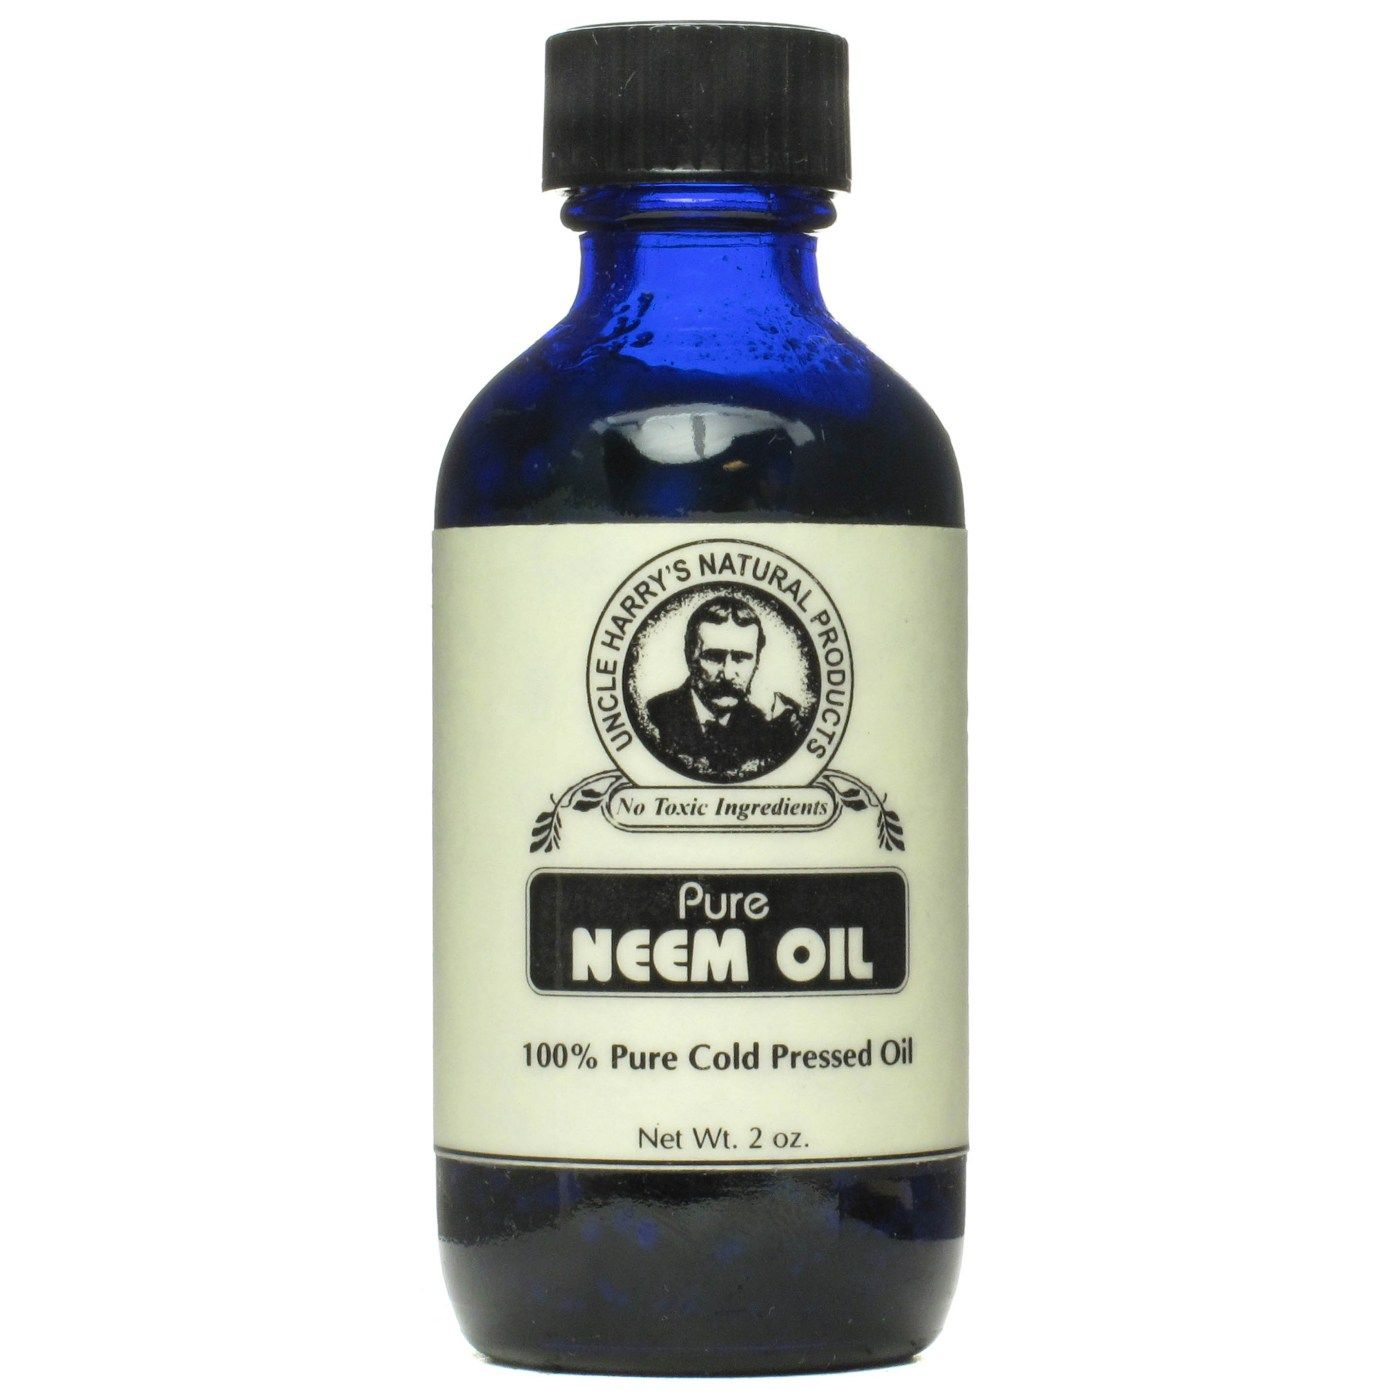 Recipe for neem oil blend